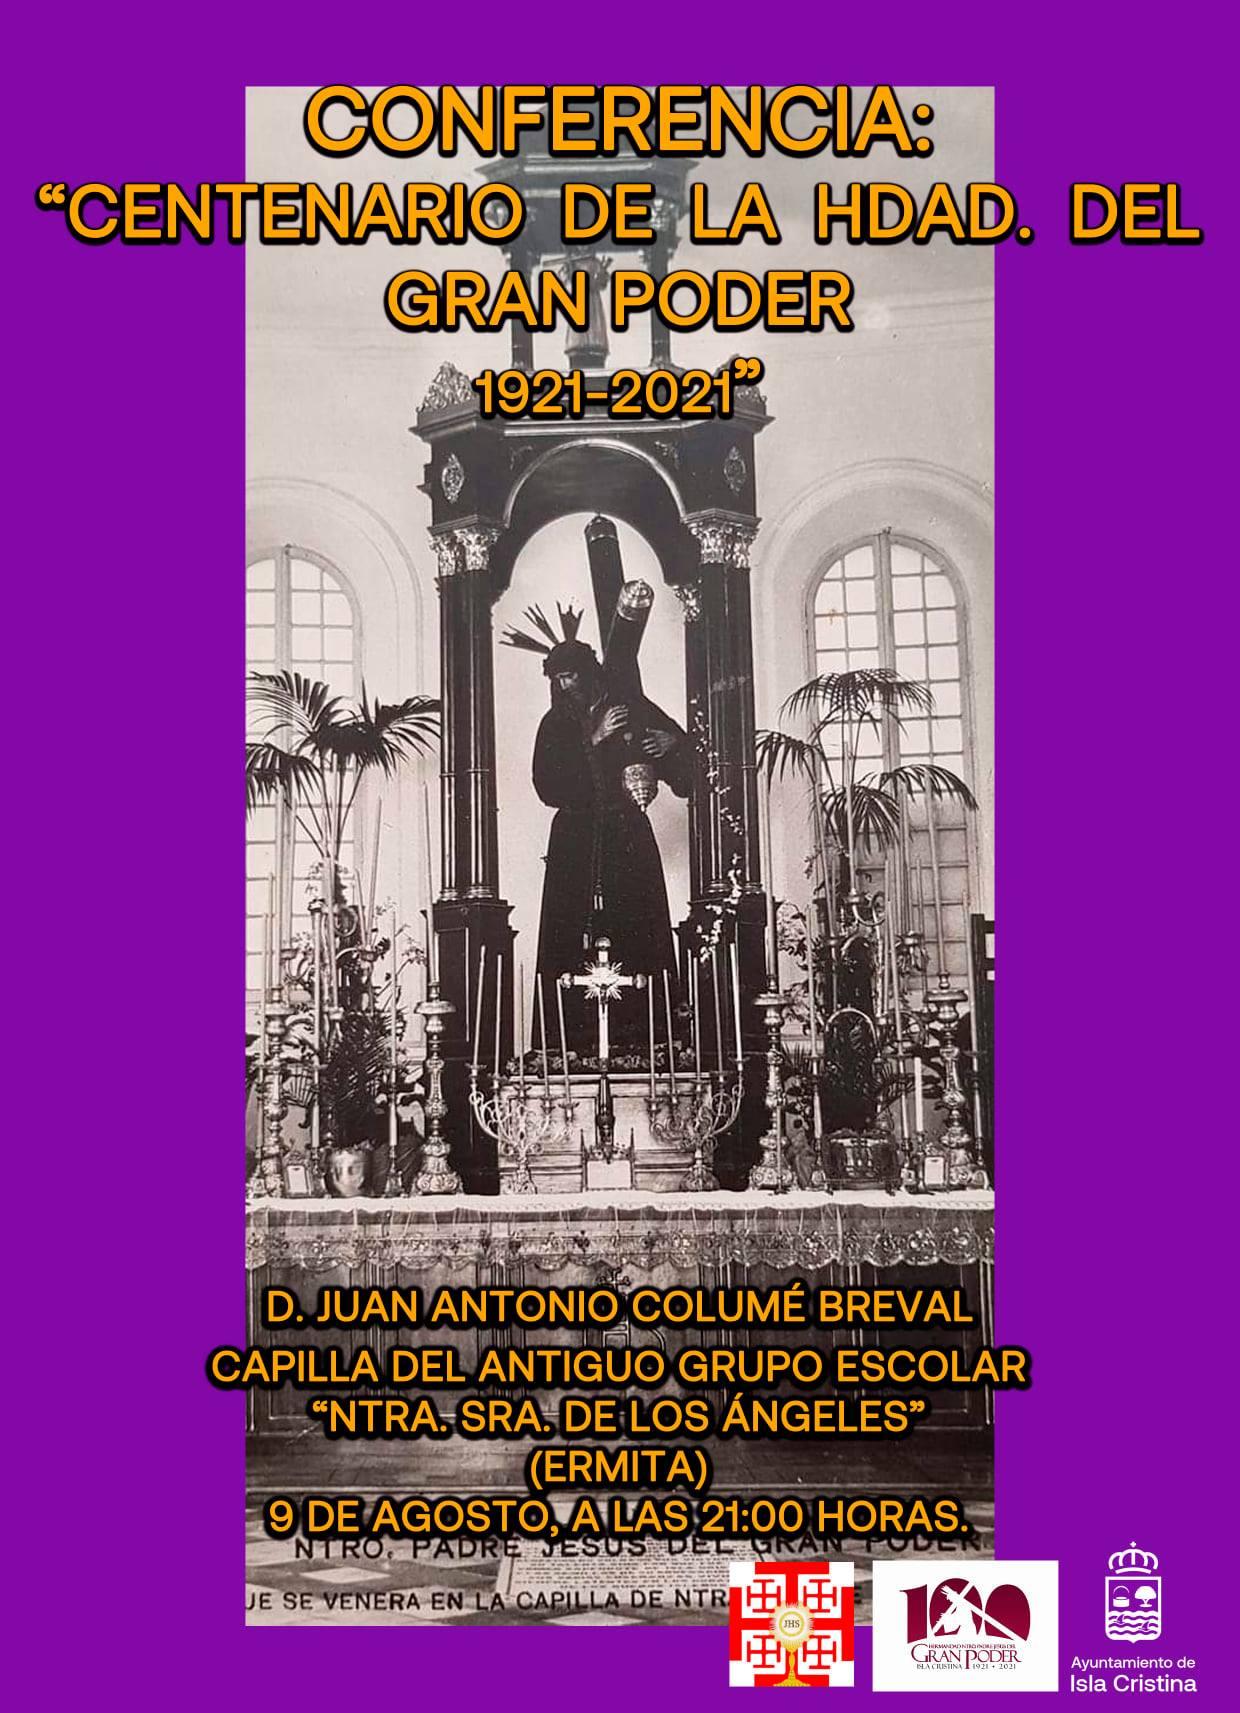 Conferencia: Centenario de la Hdad. del Gran Poder de Isla Cristina